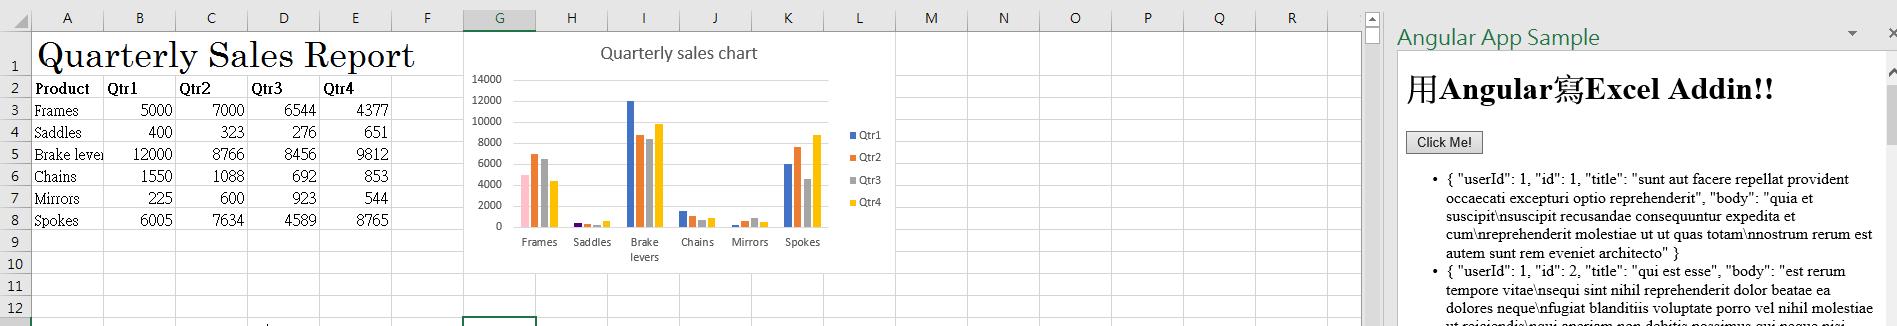 Angular] 開發Excel 增益集| CK's Notepad